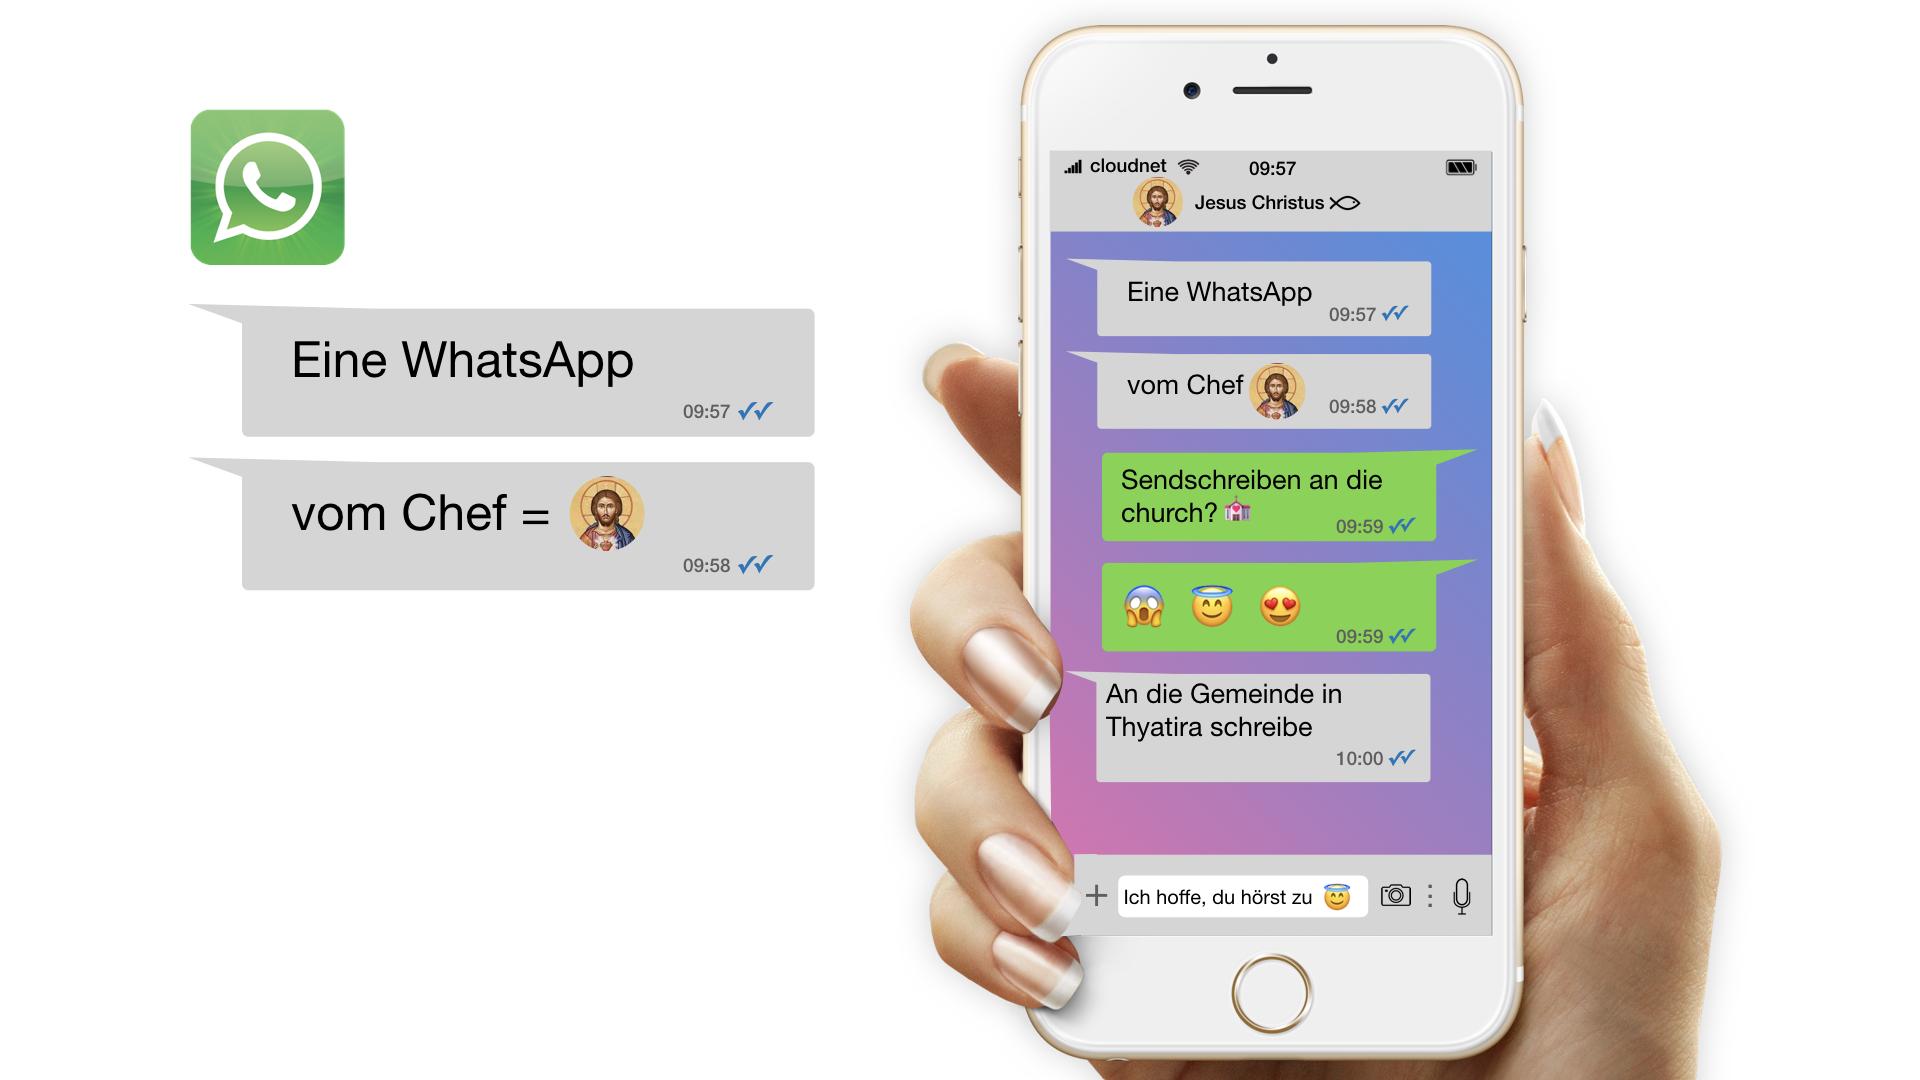 Eine WhatsApp vom Chef / Gemeinde in Thyatira